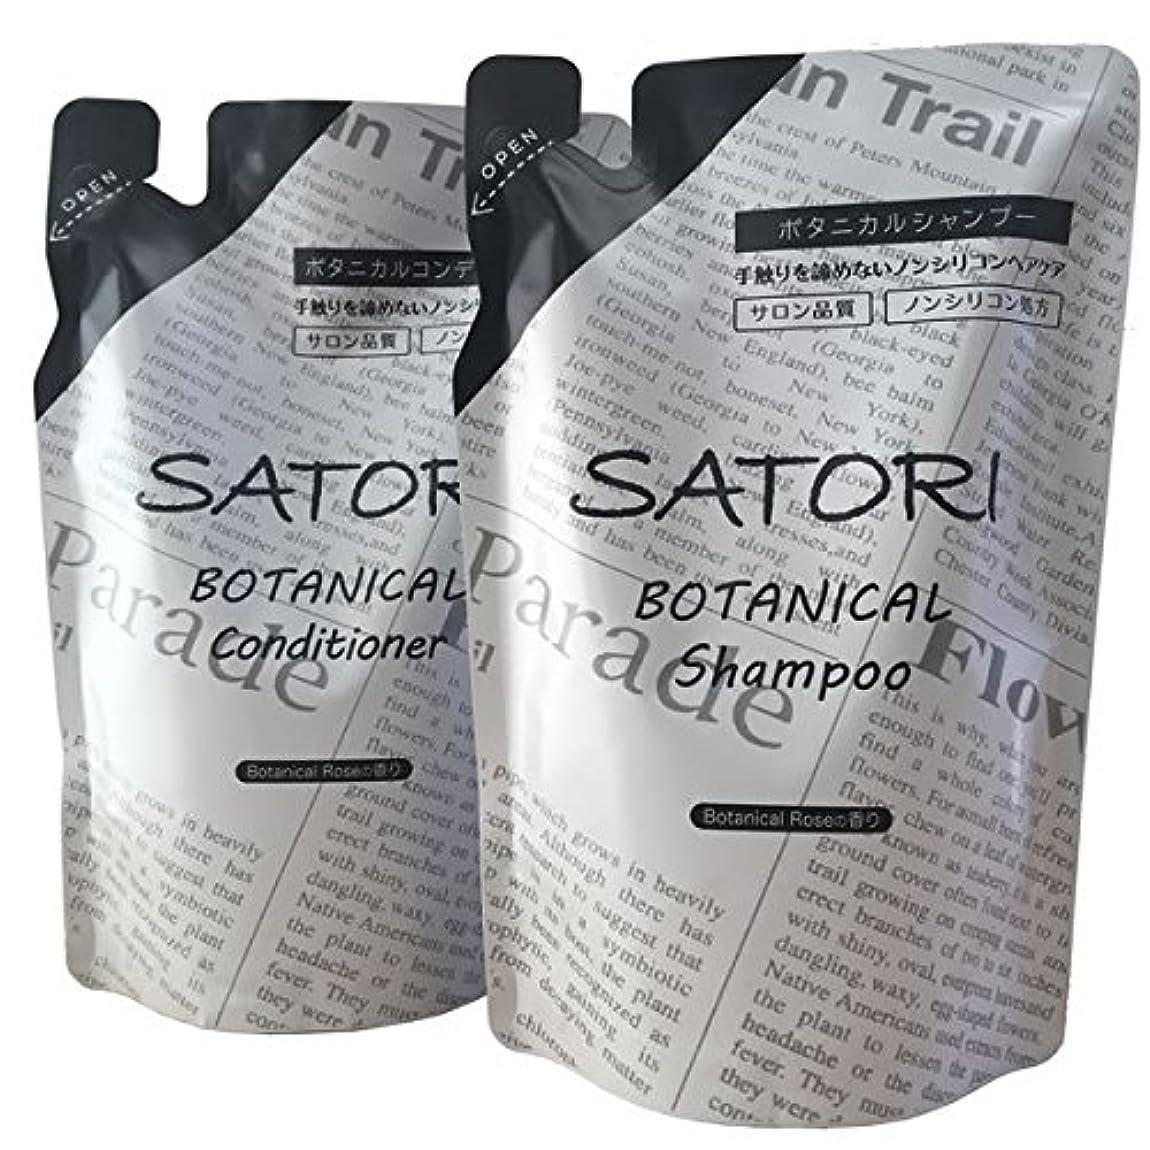 蓄積するたくさんスキップサトリ ボタニカルシャンプー&コンディショナーセット 各400ml詰替え用パウチ SATORIシリーズ